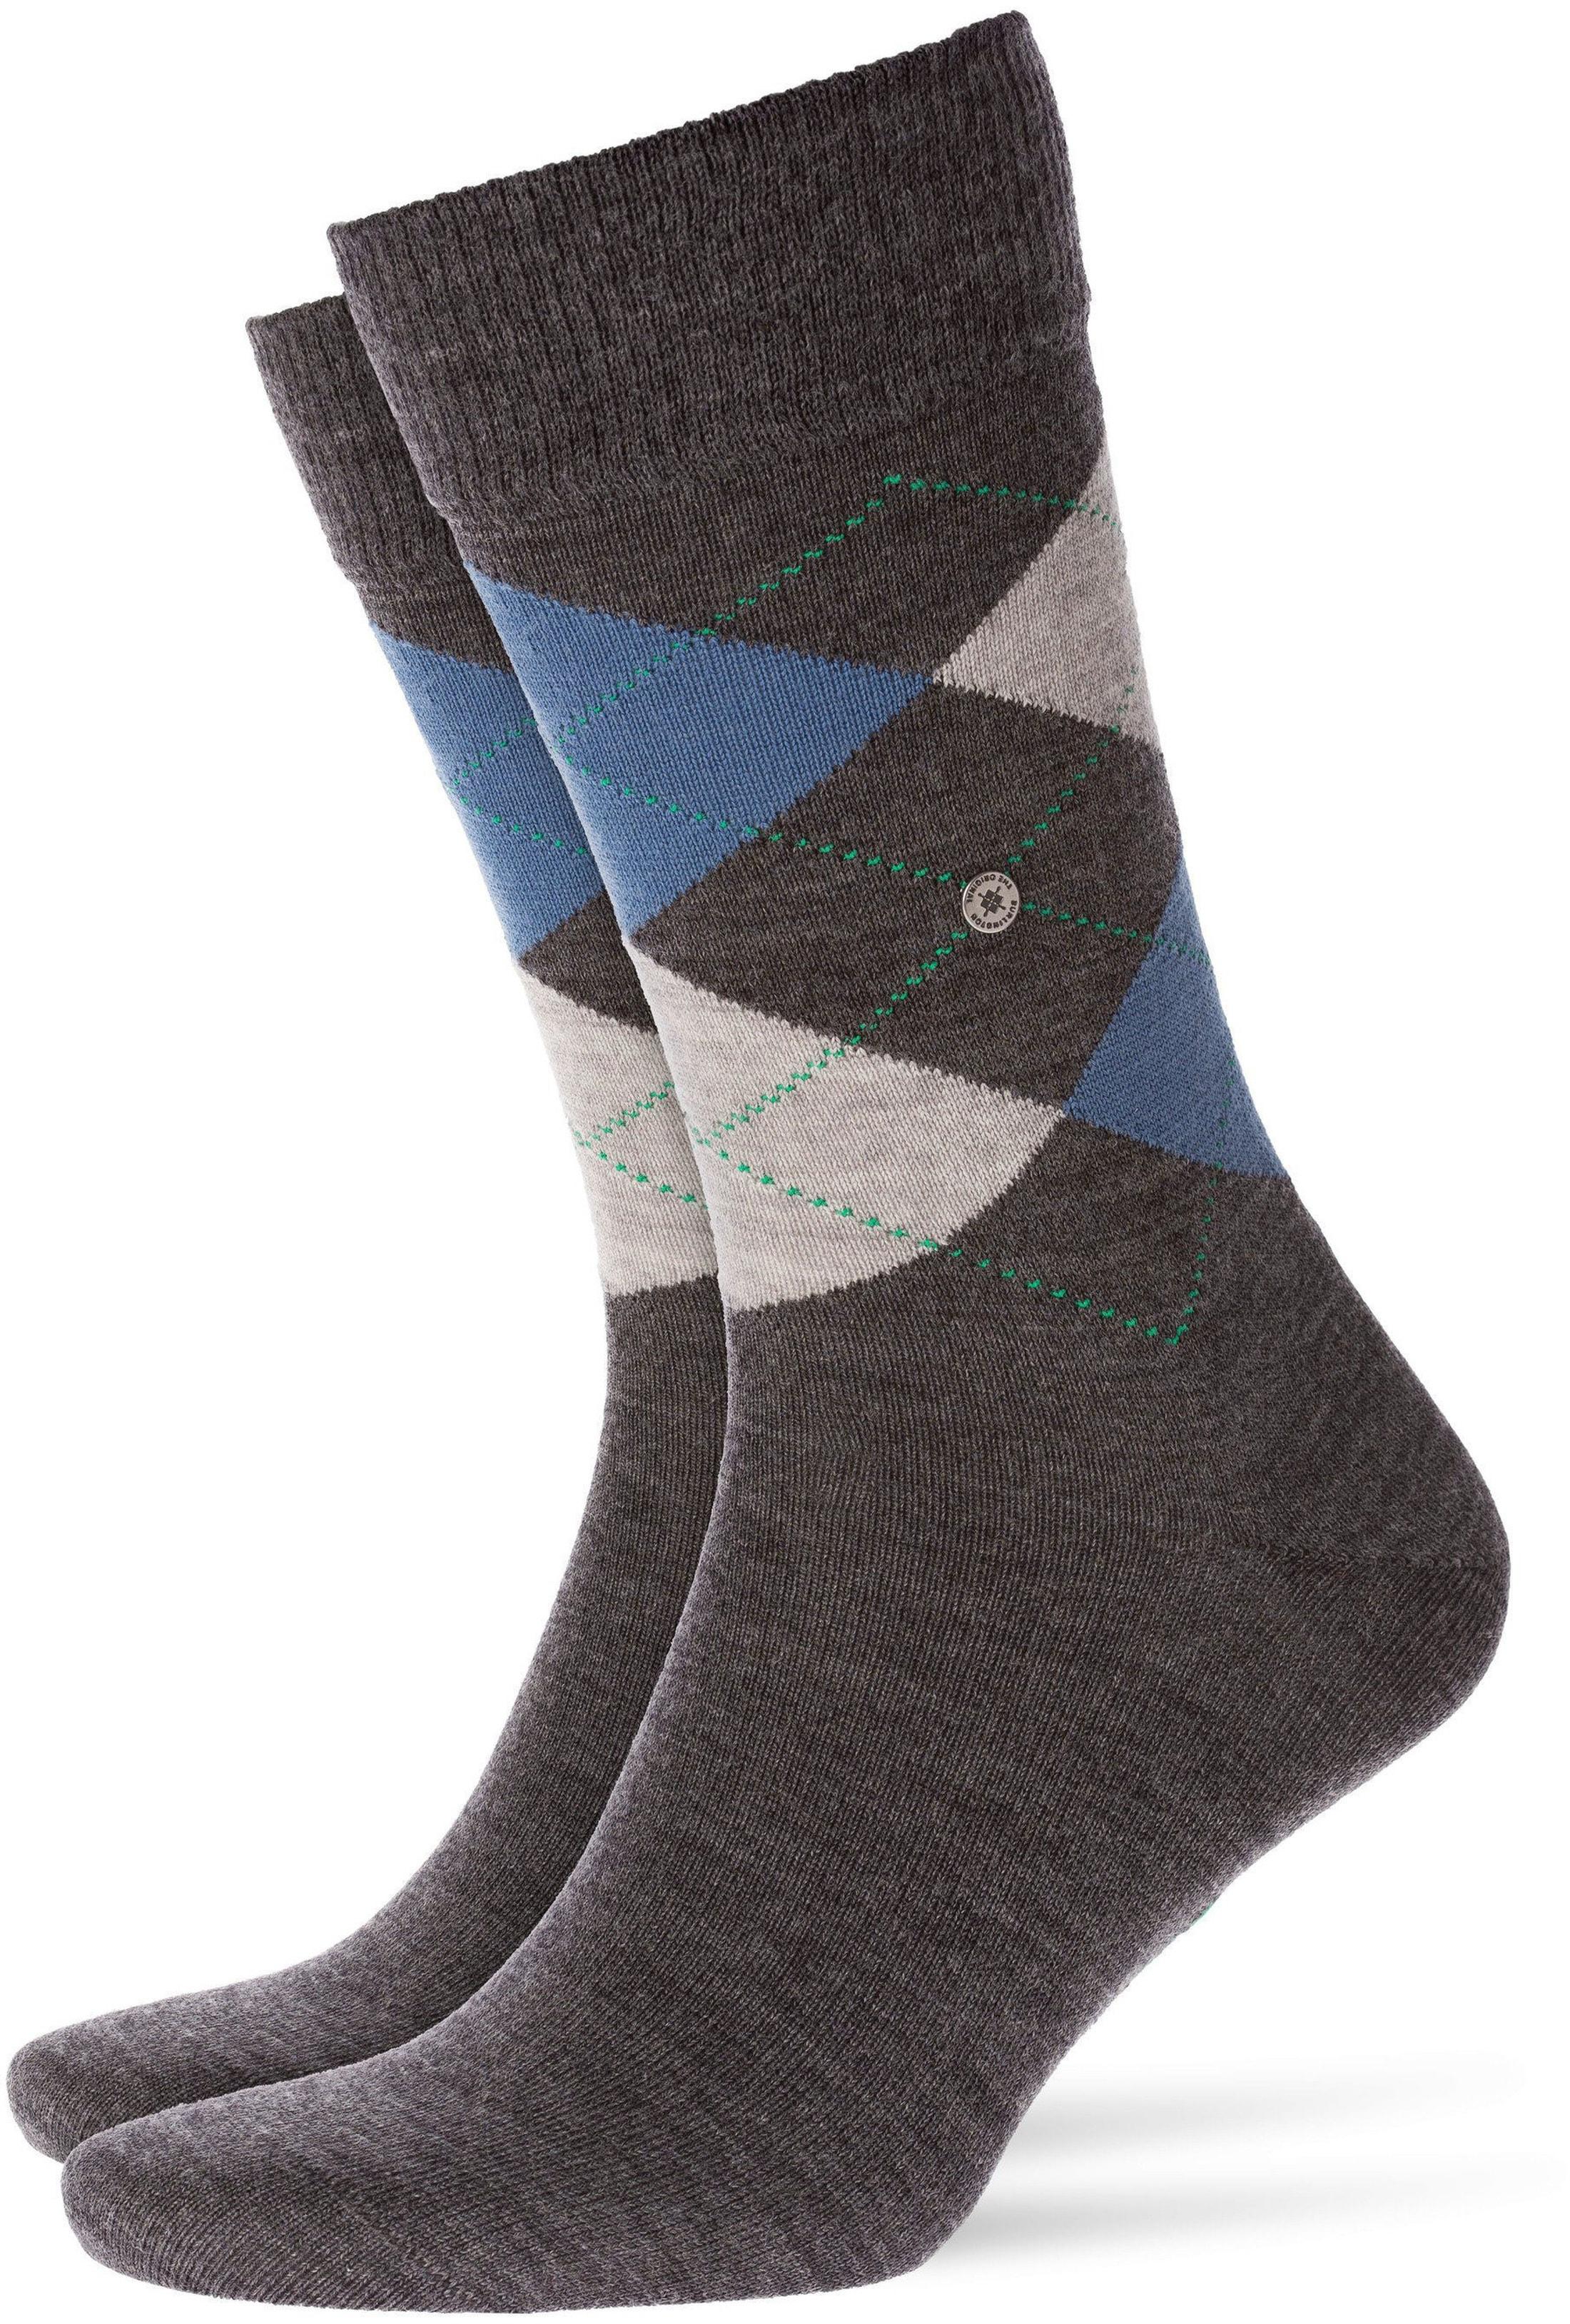 Burlington Socks Edinburgh 3090 foto 0